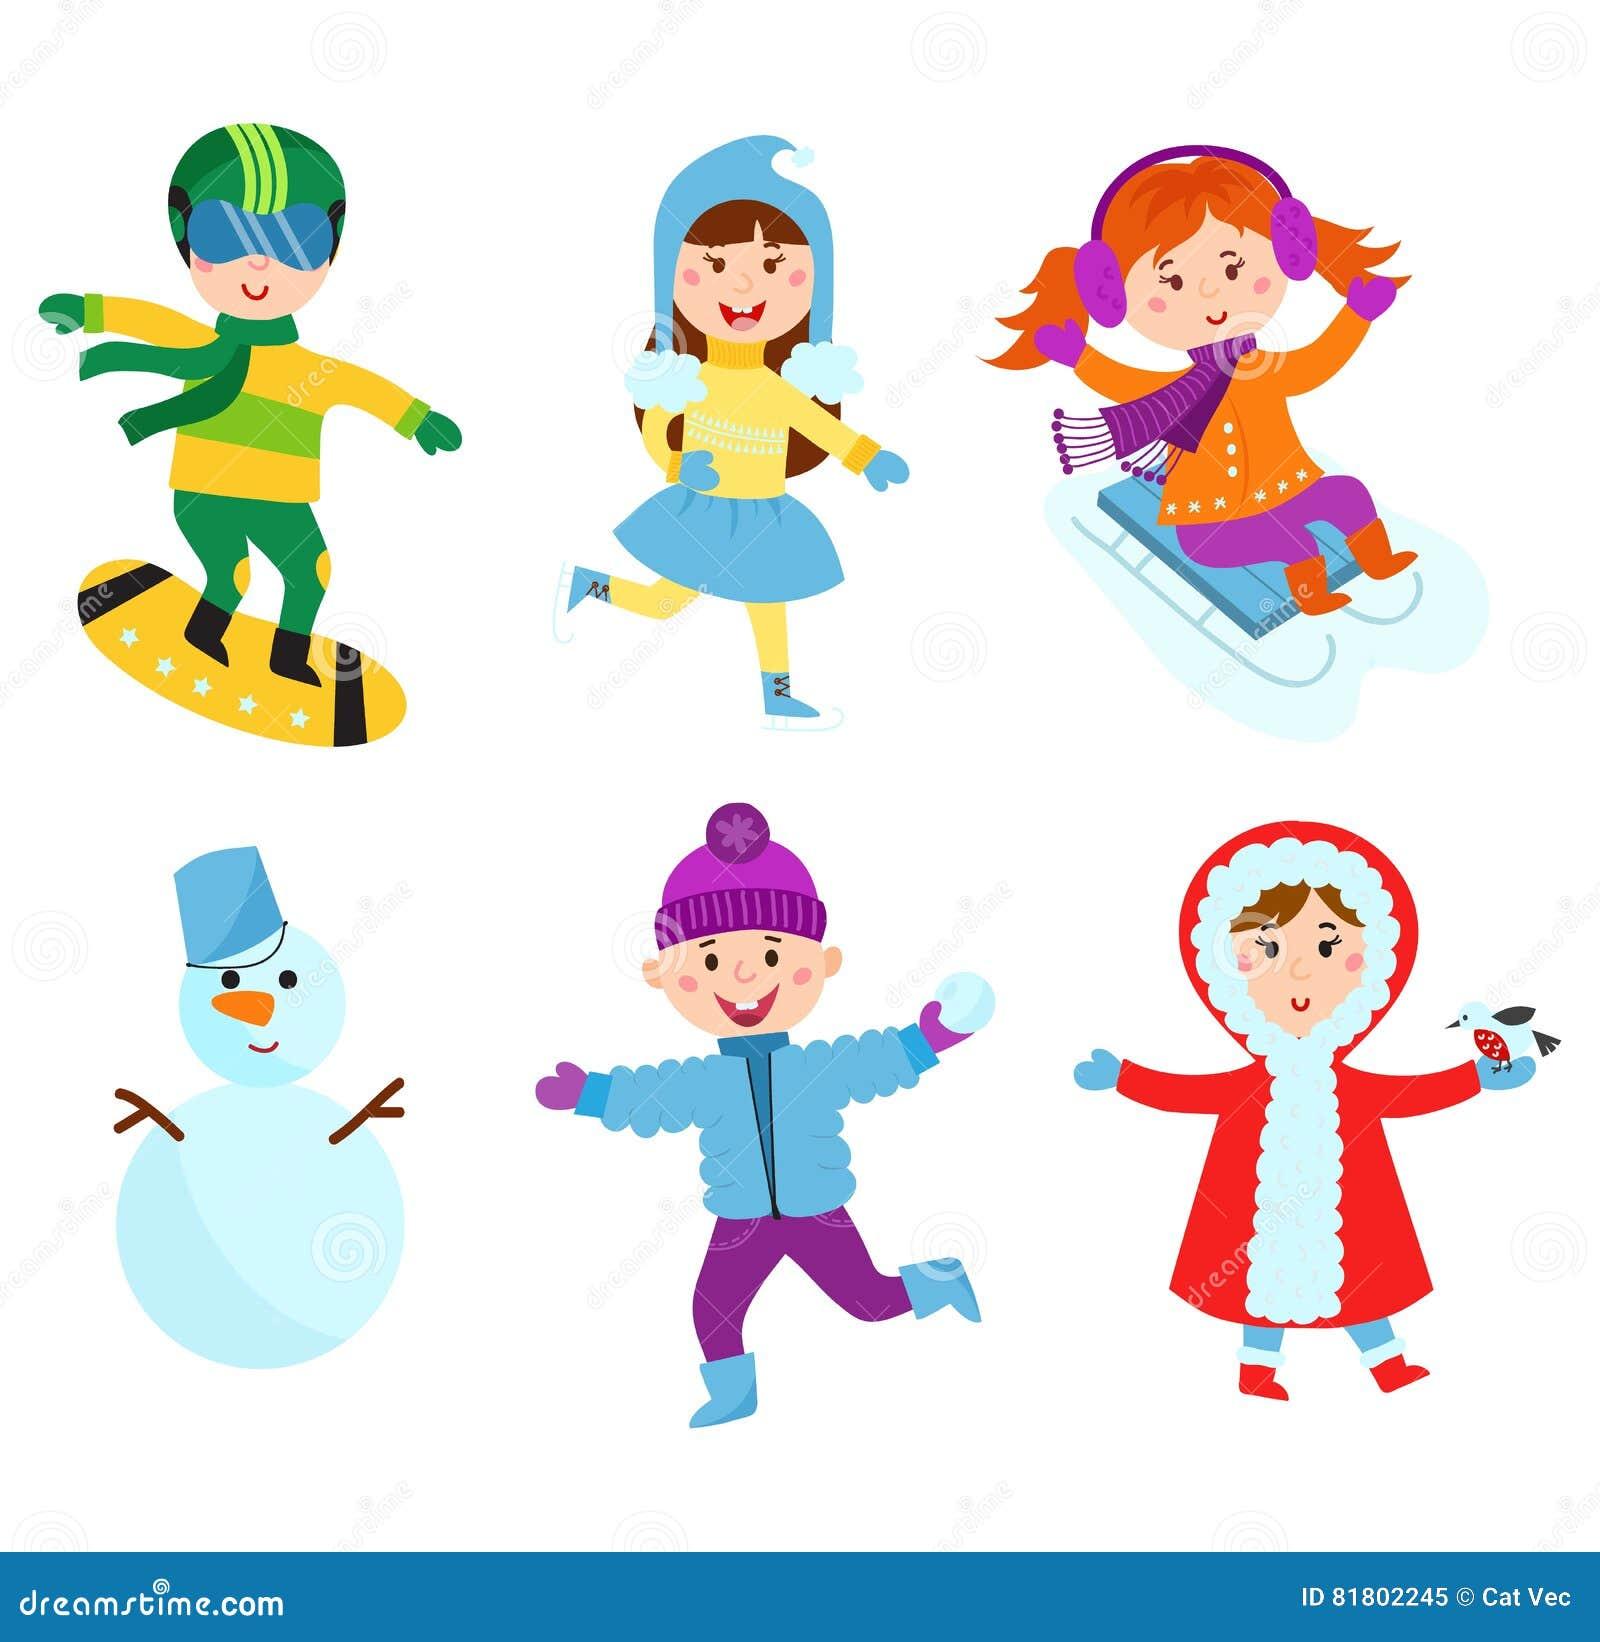 Immagini Dei Giochi Di Natale.Bambini Di Natale Che Giocano Vettore Dei Giochi Di Inverno